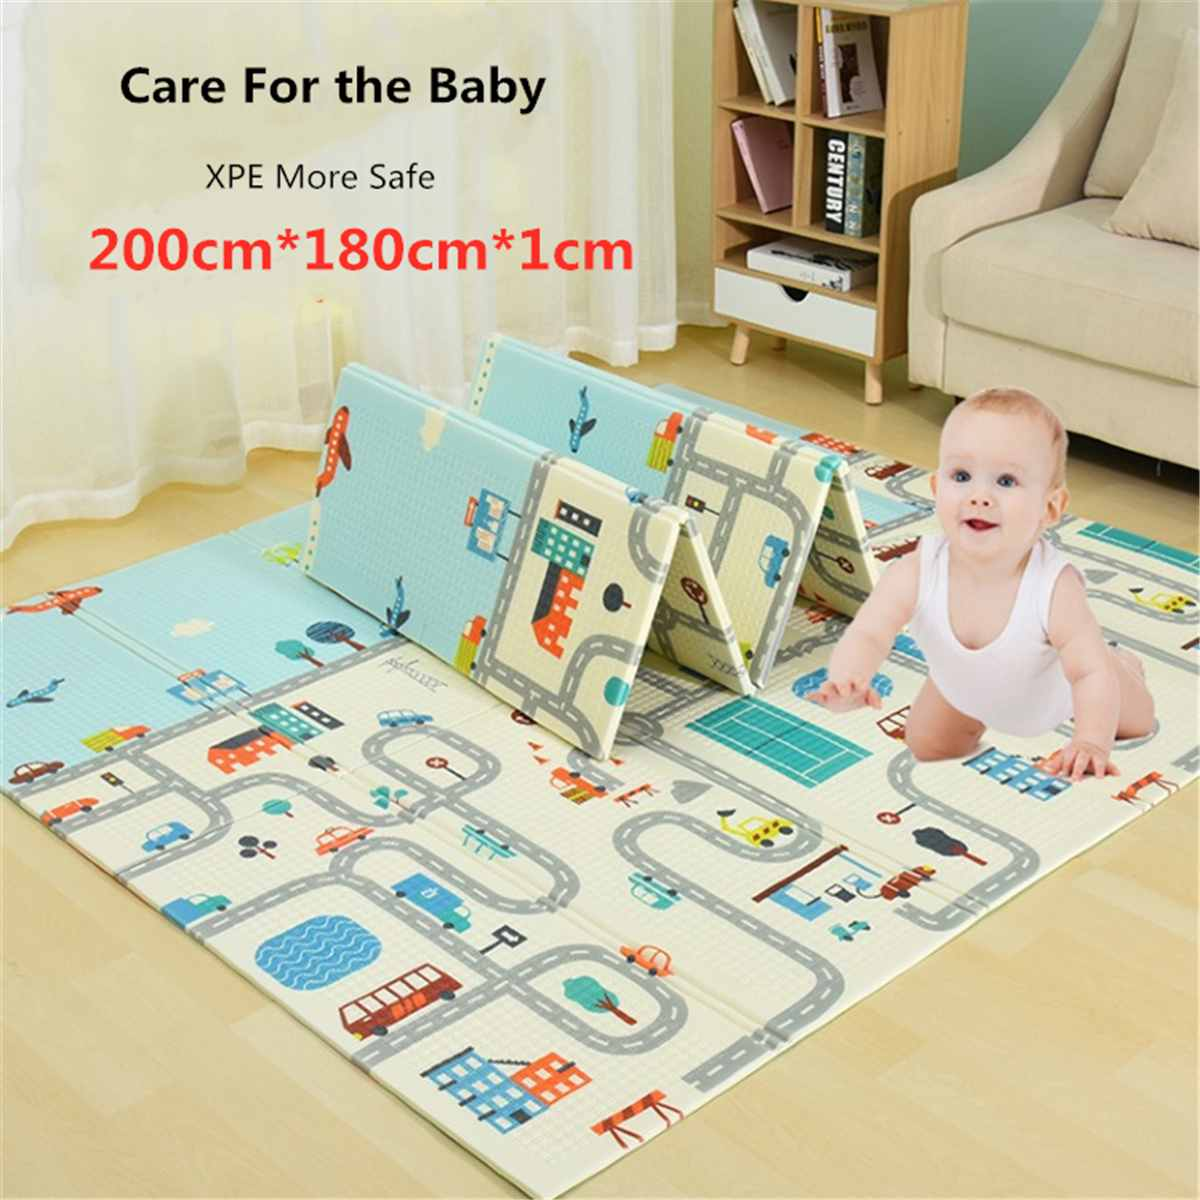 200x180x1 cm bébé tapis de jeu XPE Puzzle enfants tapis épaissi Tapete Infantil bébé chambre ramper Pad bambin tapis pliant